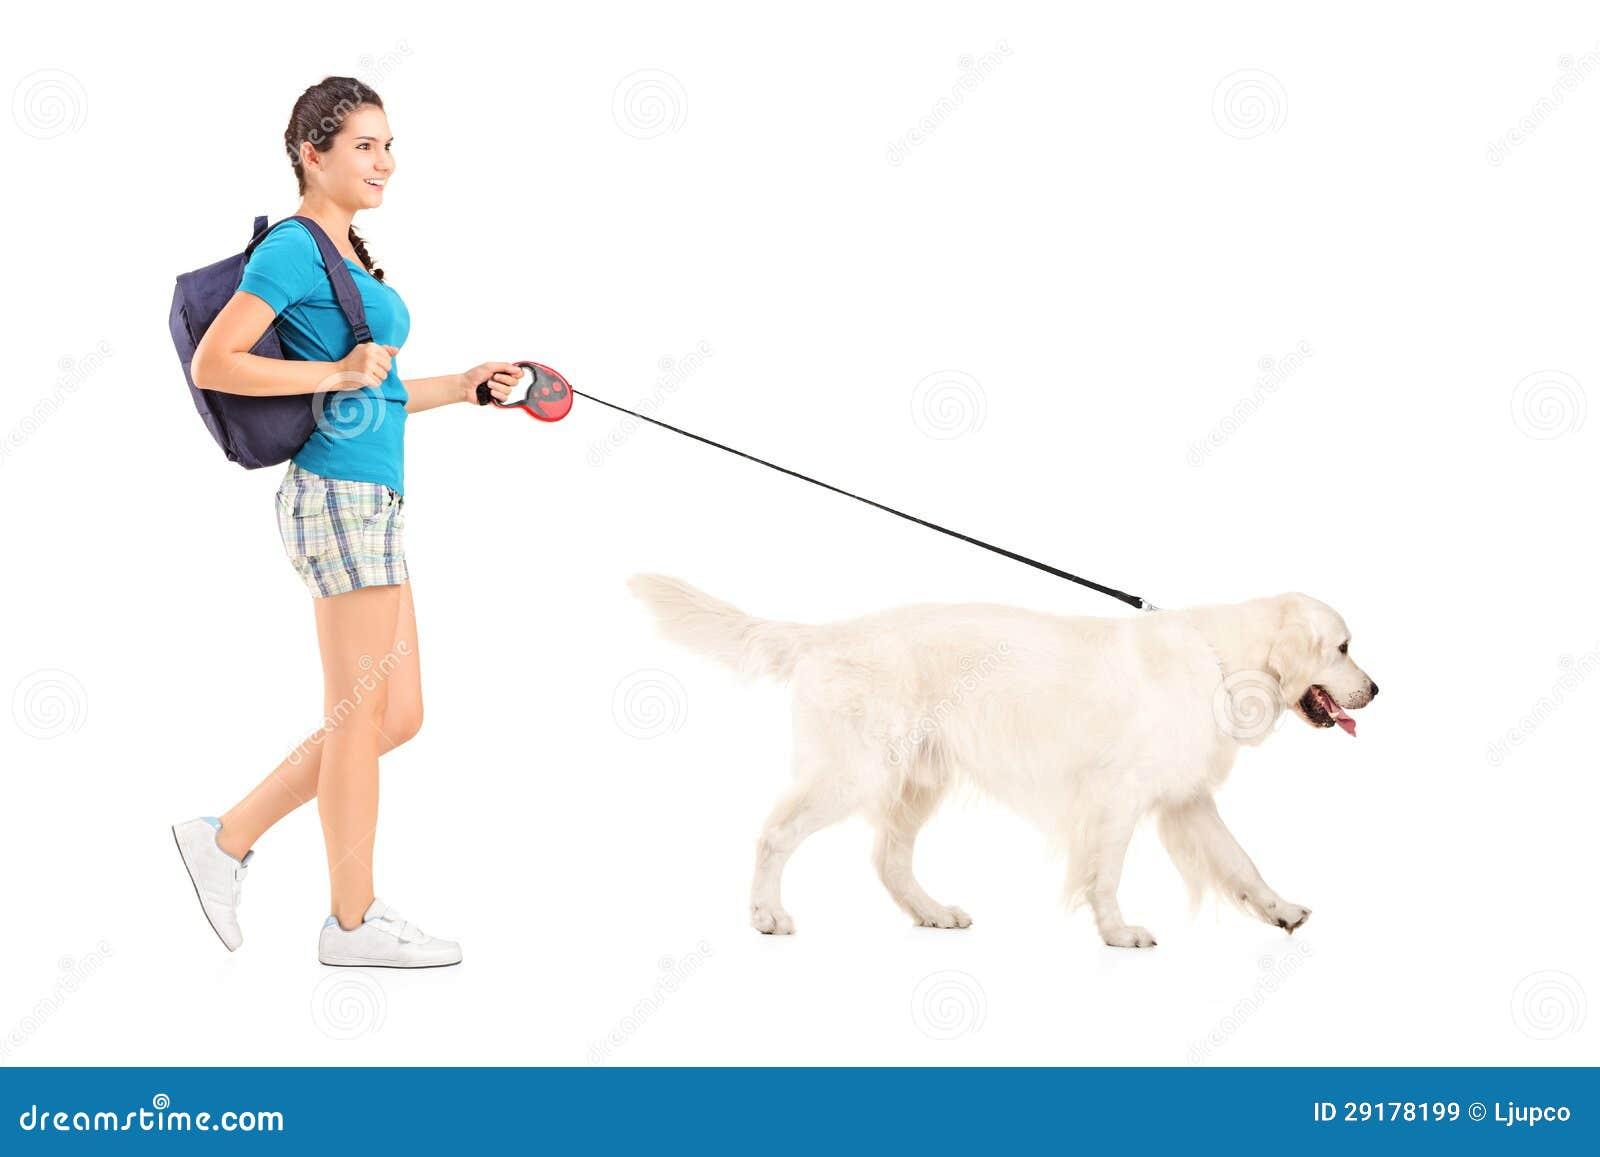 dog walking business plan